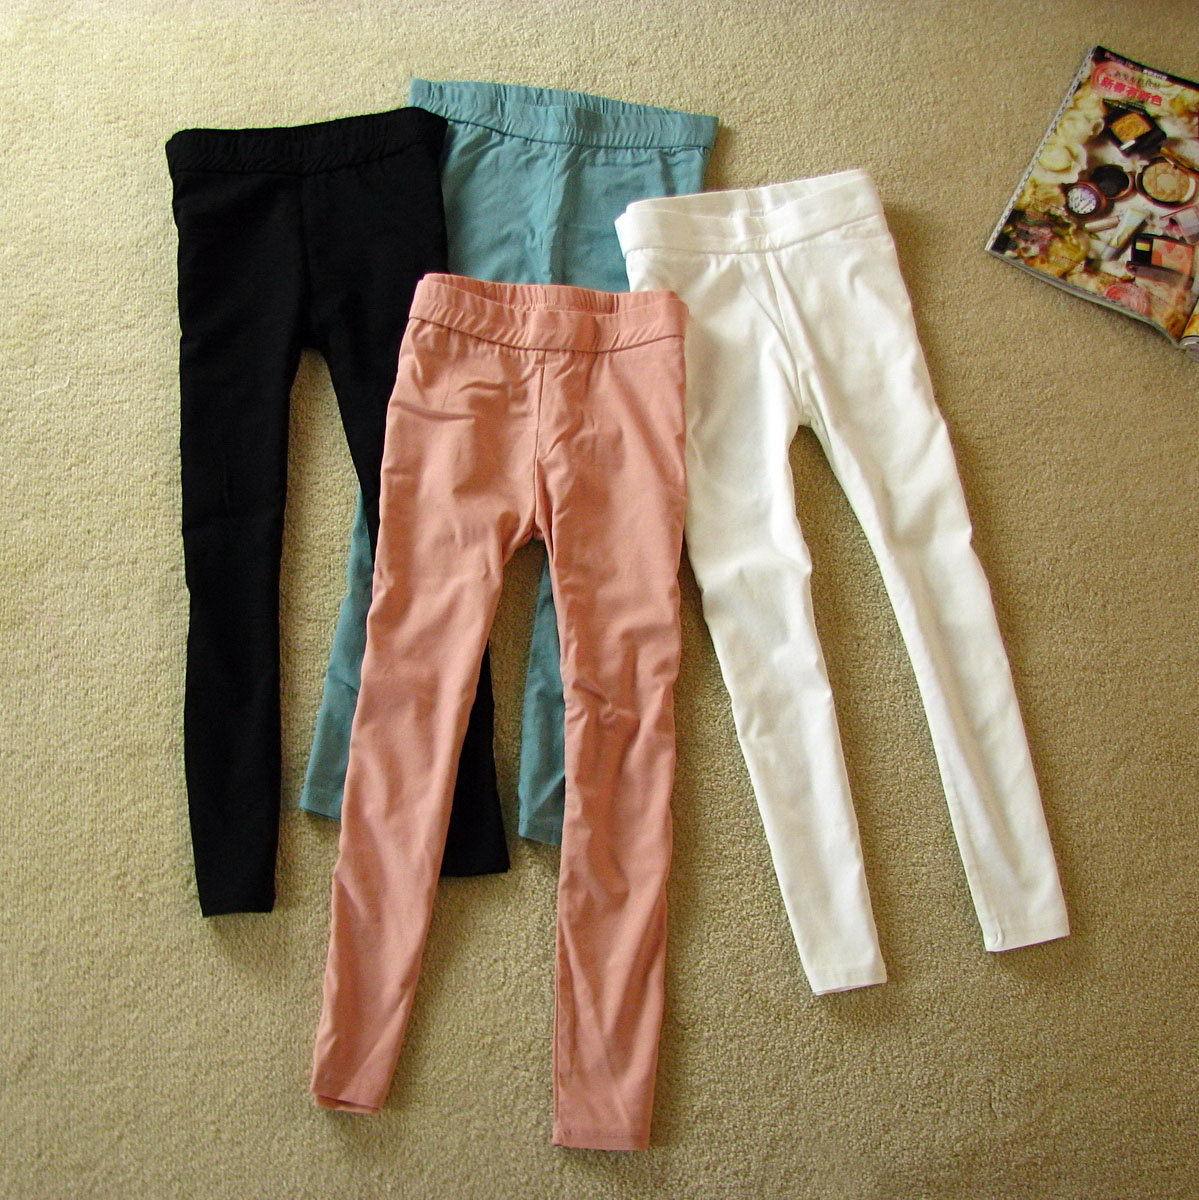 Женские брюки Новый высокое качество льда шелк хлопок OL пригородных тонкий тонкий тощий джинсы семь джинсы женские Брюки чуть выше щиколотки Узкие брюки-карандаш Повседневный Тонкая модель